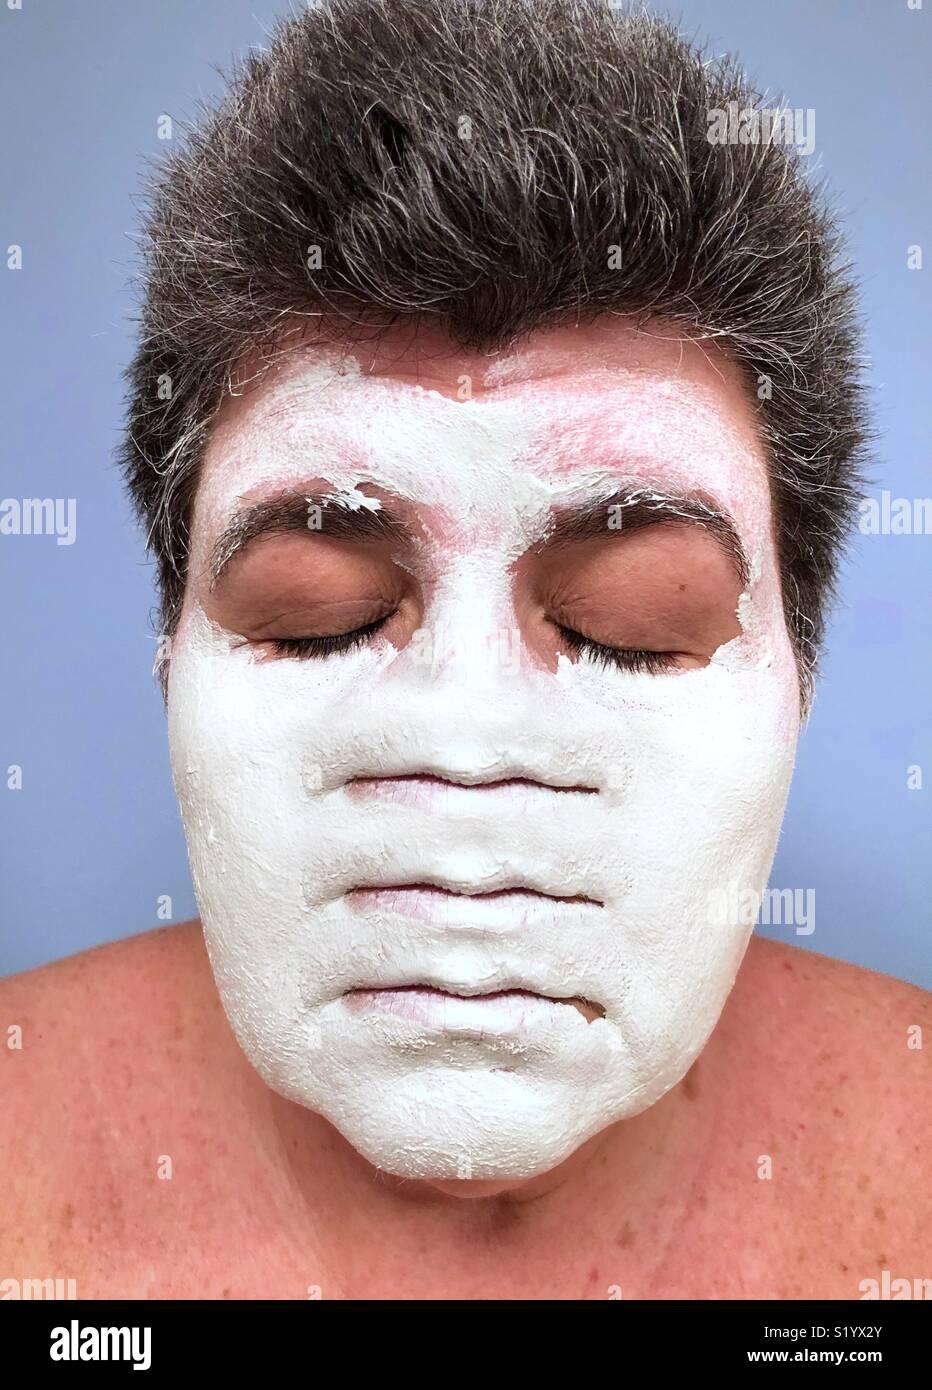 Una obra conceptual abstracto de una morenaza. Mujer caucásica con sus ojos cerrados vistiendo una máscara facial de arcilla blanca con tres conjuntos de labios. Imagen De Stock